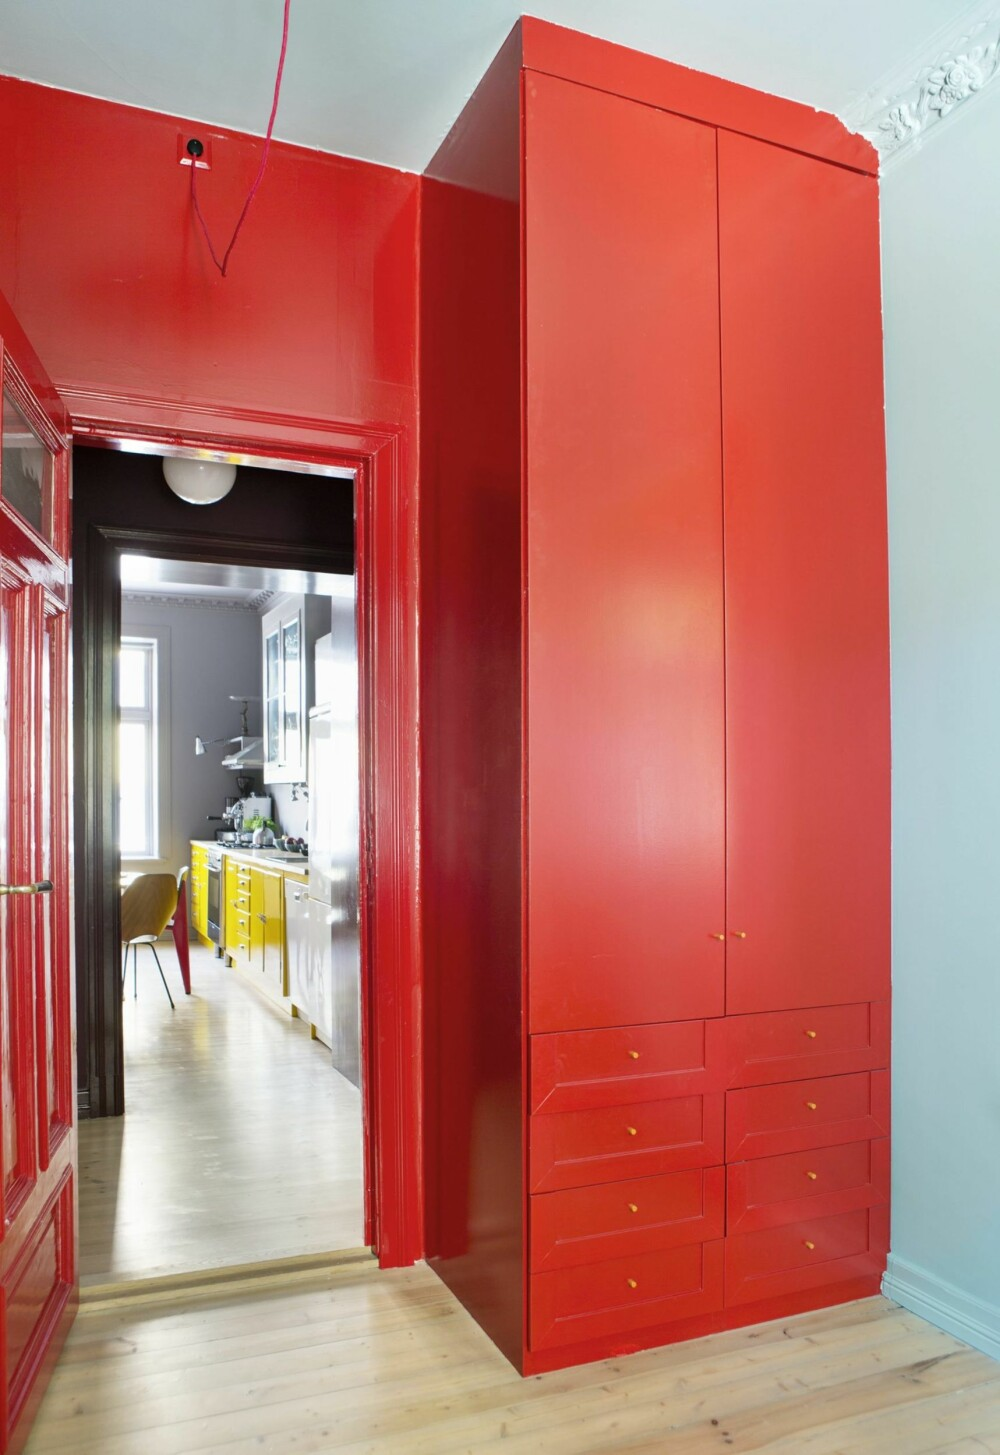 DØREN UT MOT DEN LILLA GANGEN FRA BARNEROMMET: Leiligheten er fargesatt slik at du i alle rom kan se flere av fargene på en gang. På barnerommet er rødfargen fra gangen trukket inn på den veggen som vender ut mot gangen. I bakgrunnen skimtes kjøkkenet, med knallgule underskap. Styling: Tone Kroken.